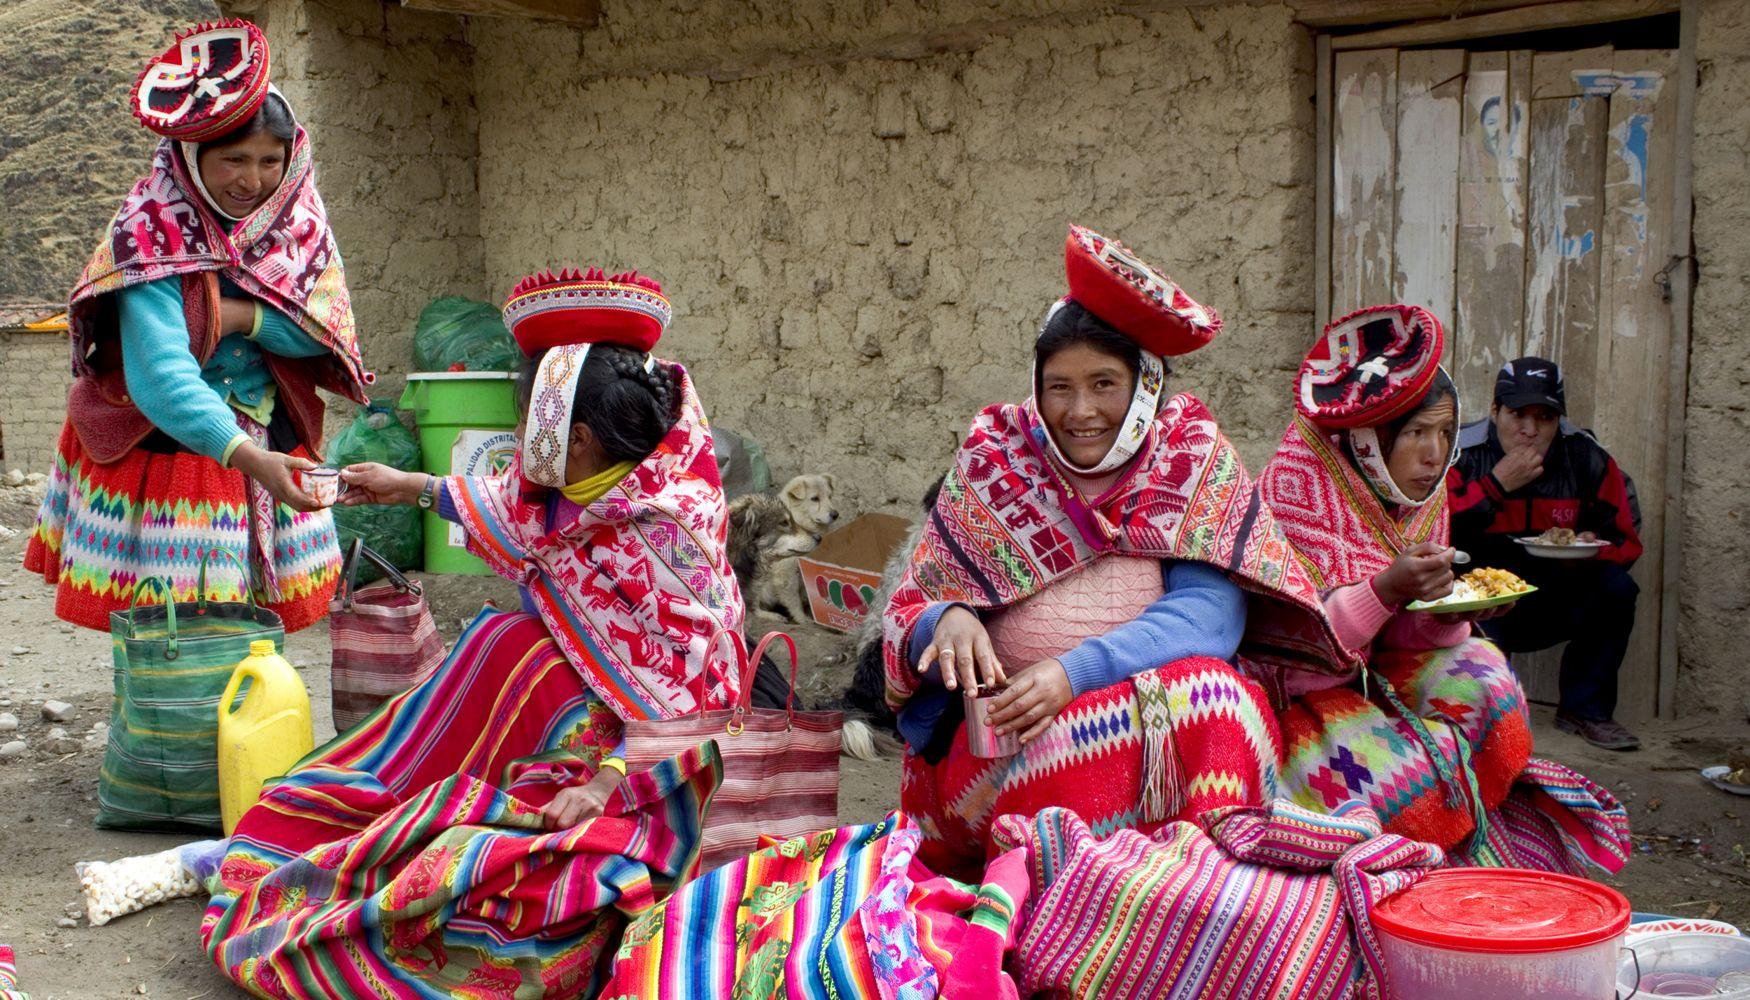 Market day, Sacred Valley, Peru